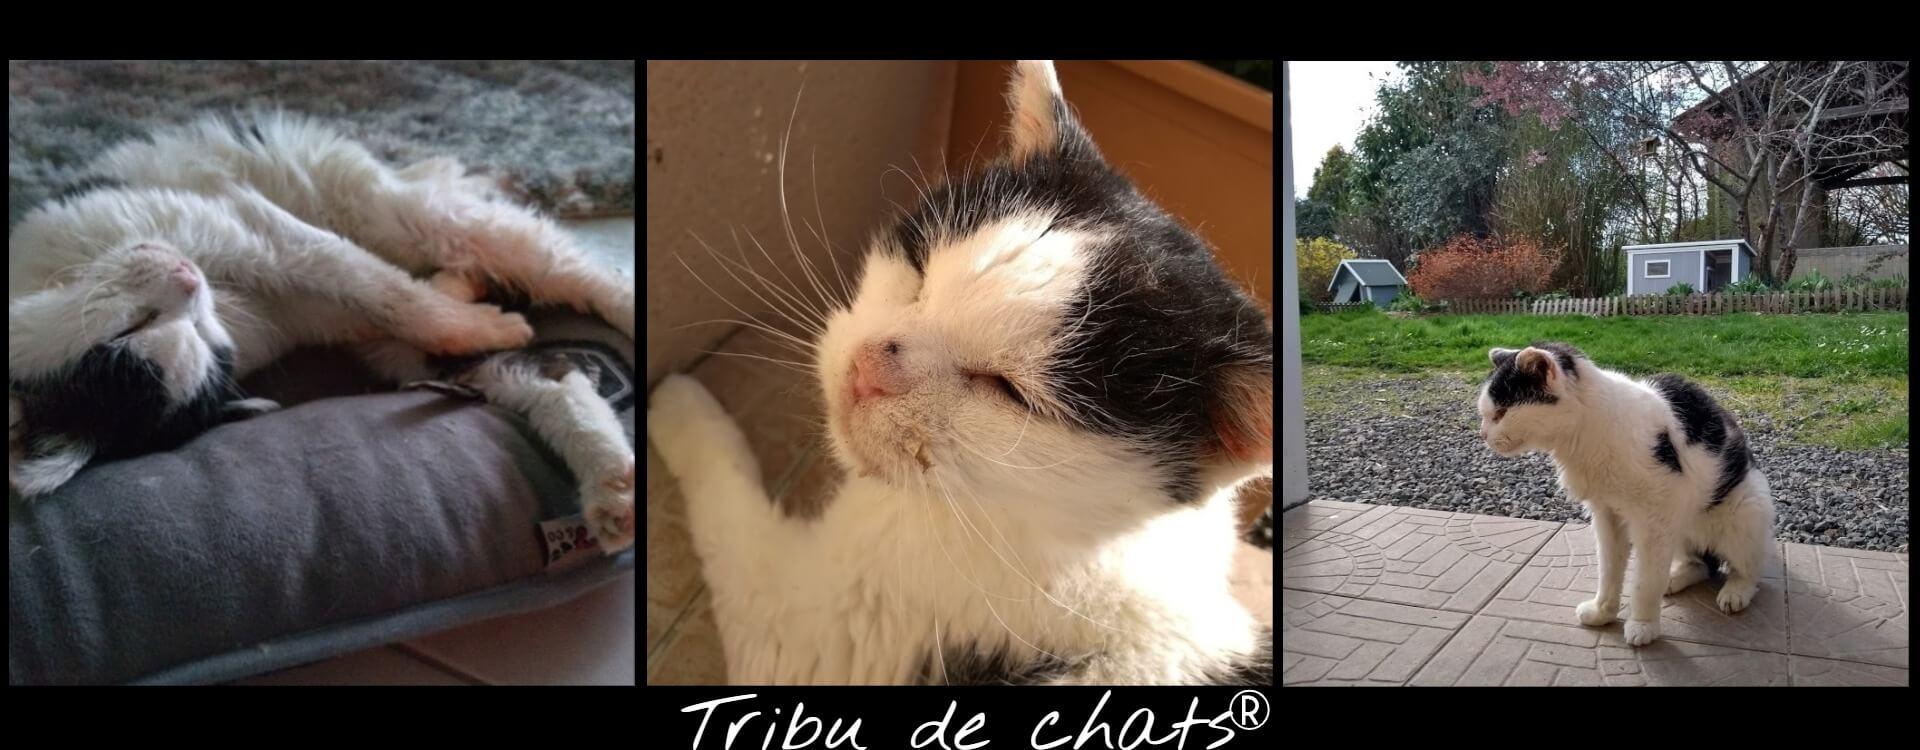 Joséphine,_vieux_chat_va_mieux_et_profite_de_la_vie